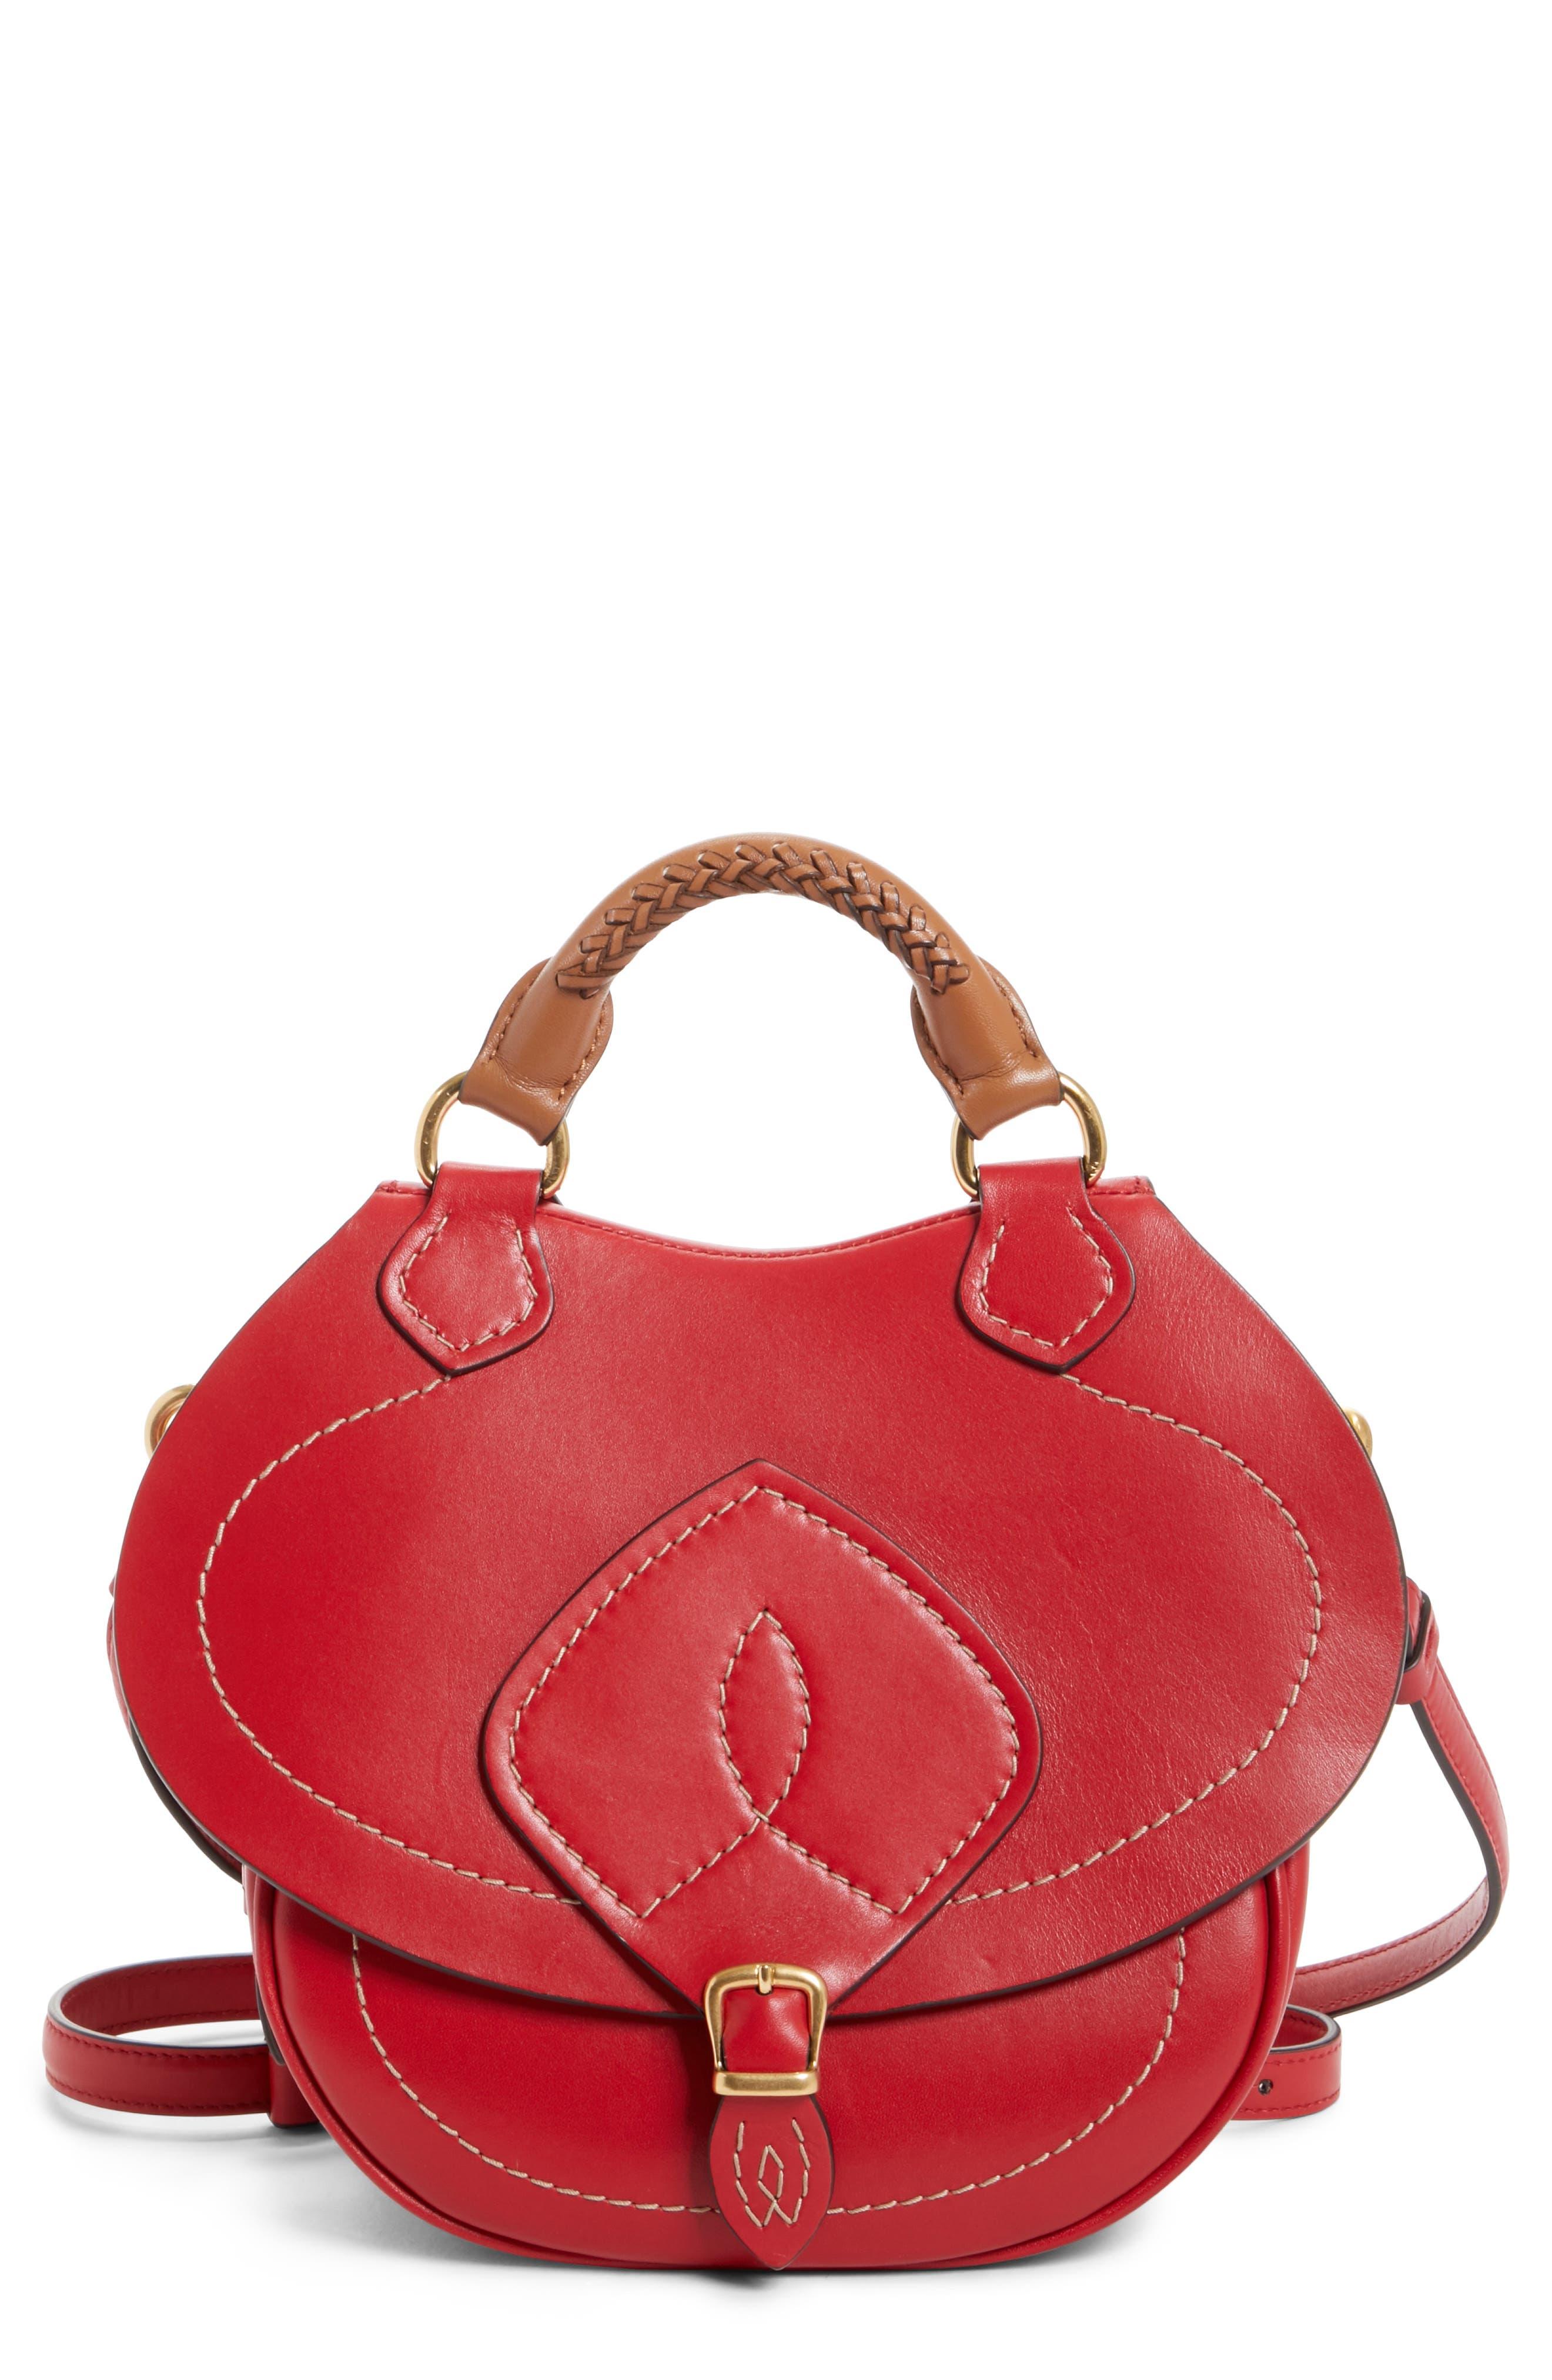 Small Bag-Slide Leather Shoulder Bag,                             Main thumbnail 1, color,